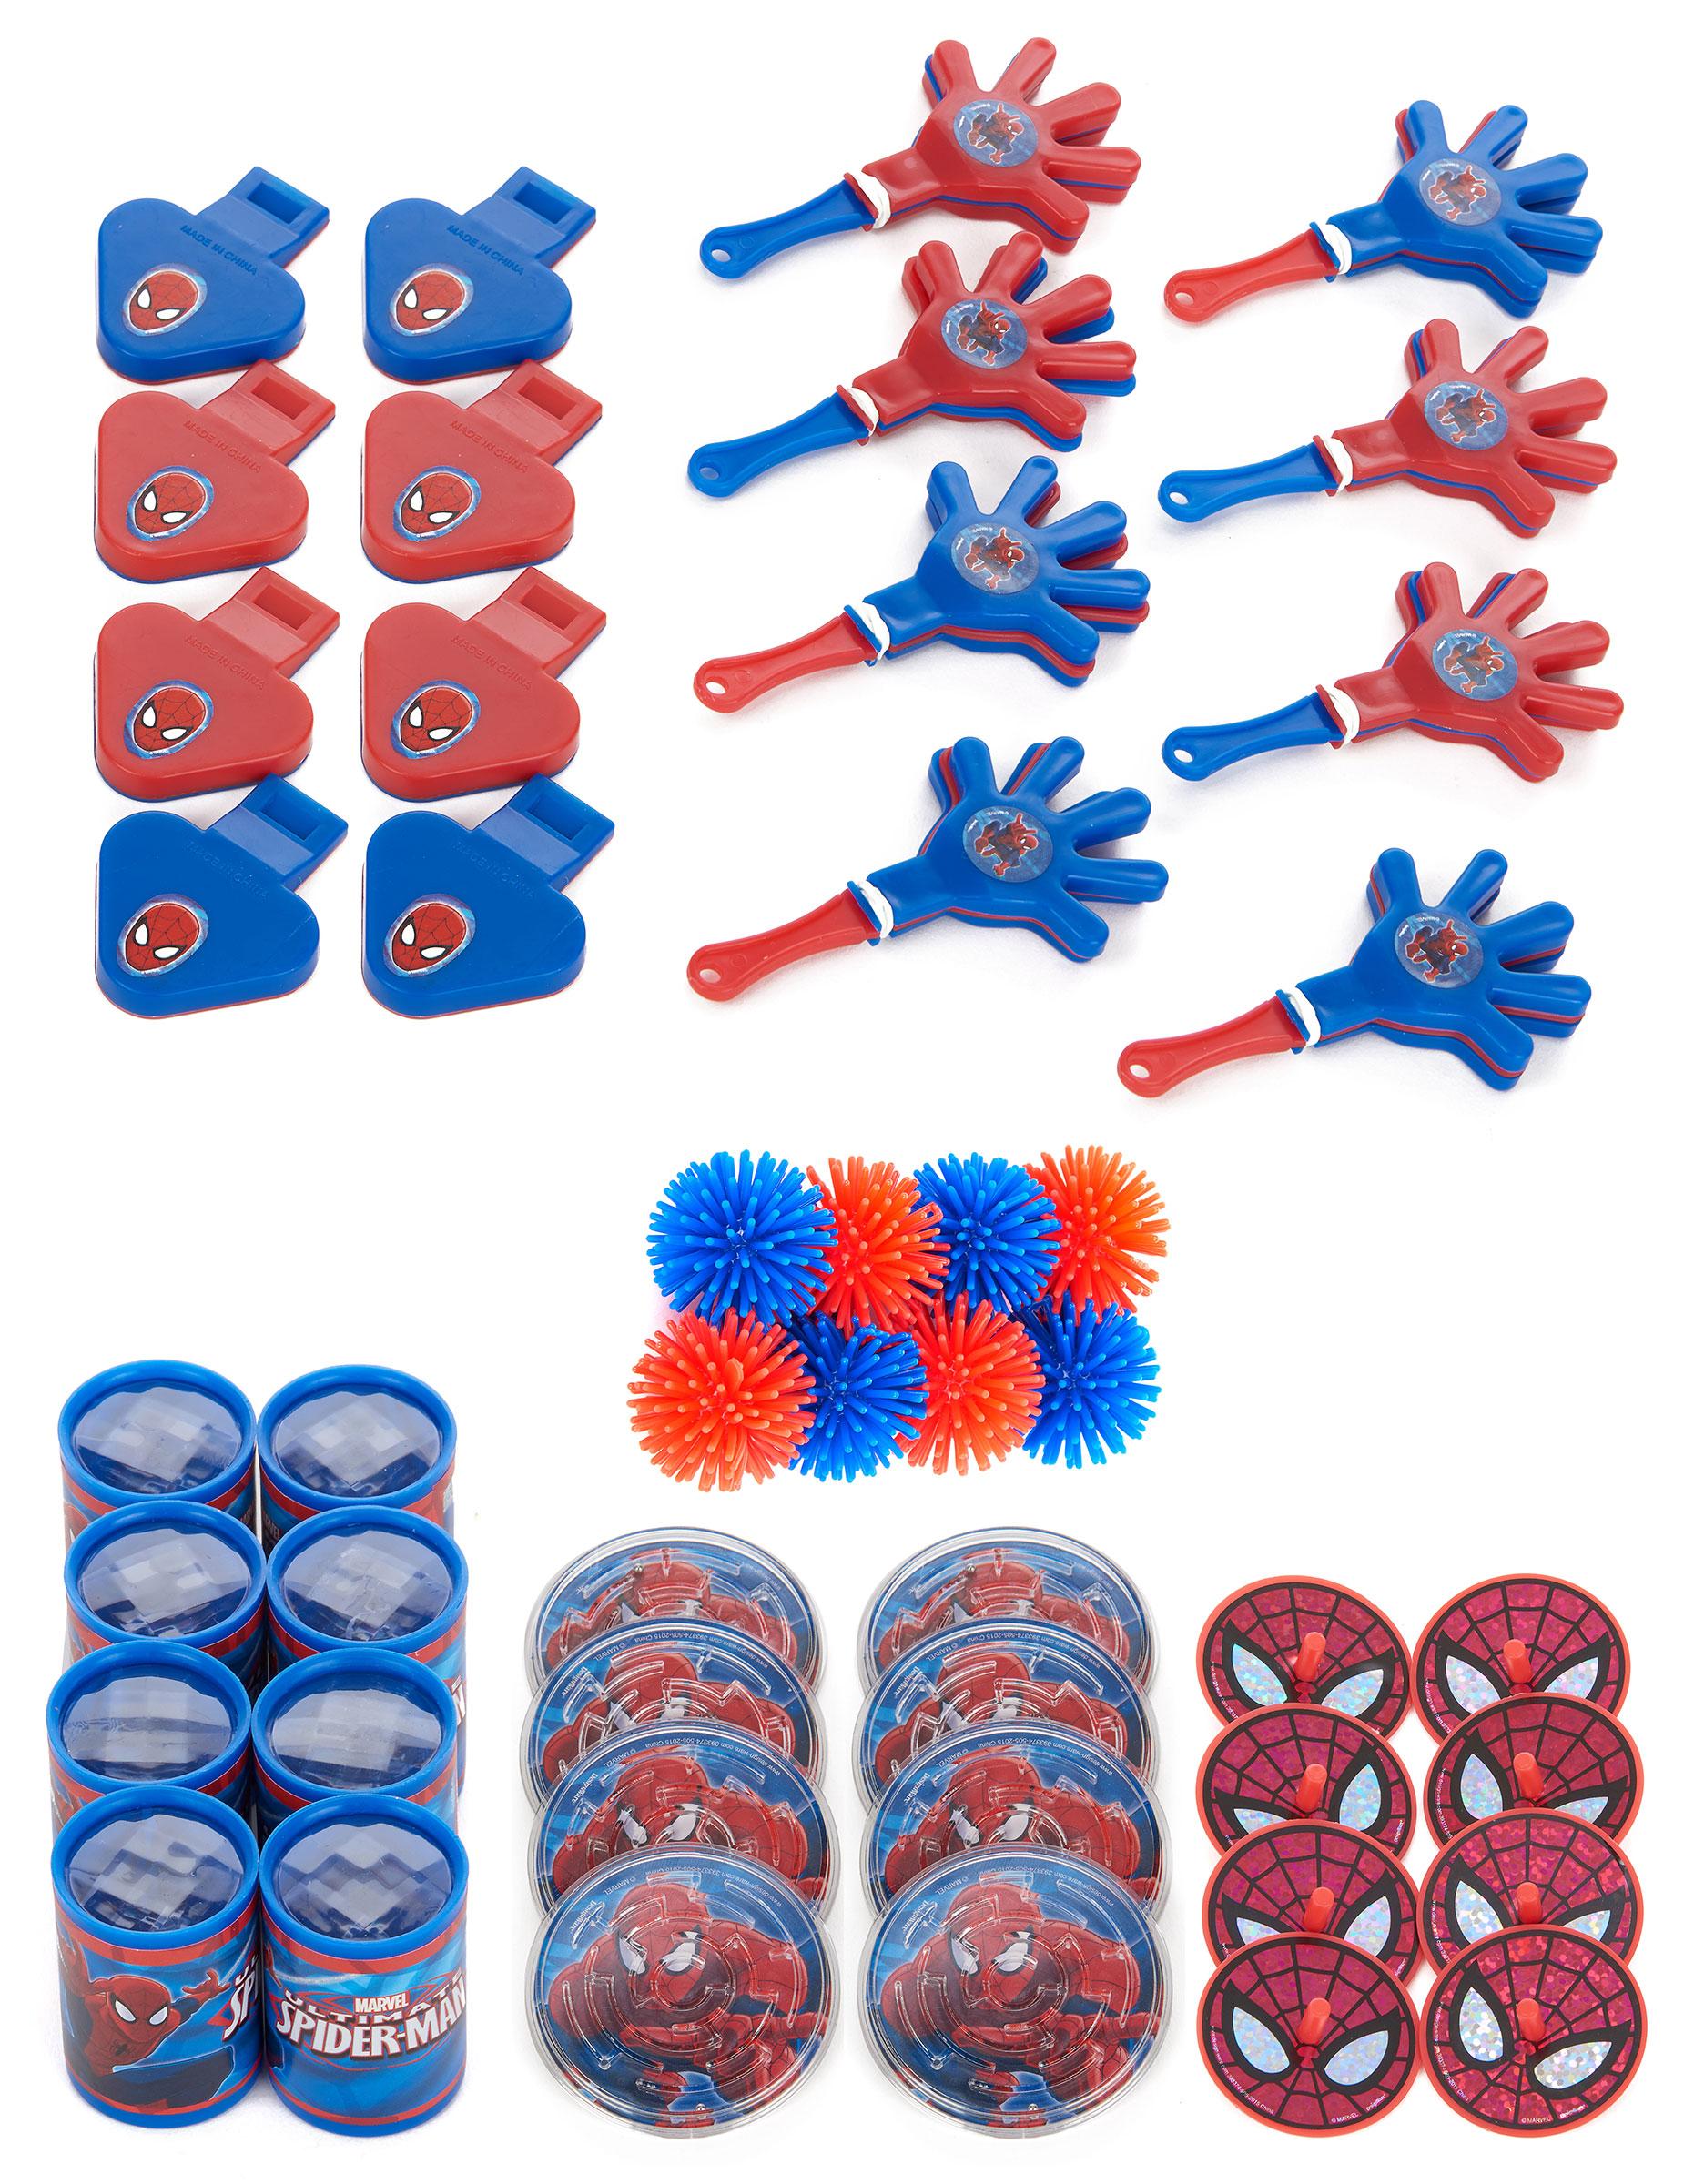 48 Petits Cadeaux Spiderman Decoration Anniversaire Et Fetes A